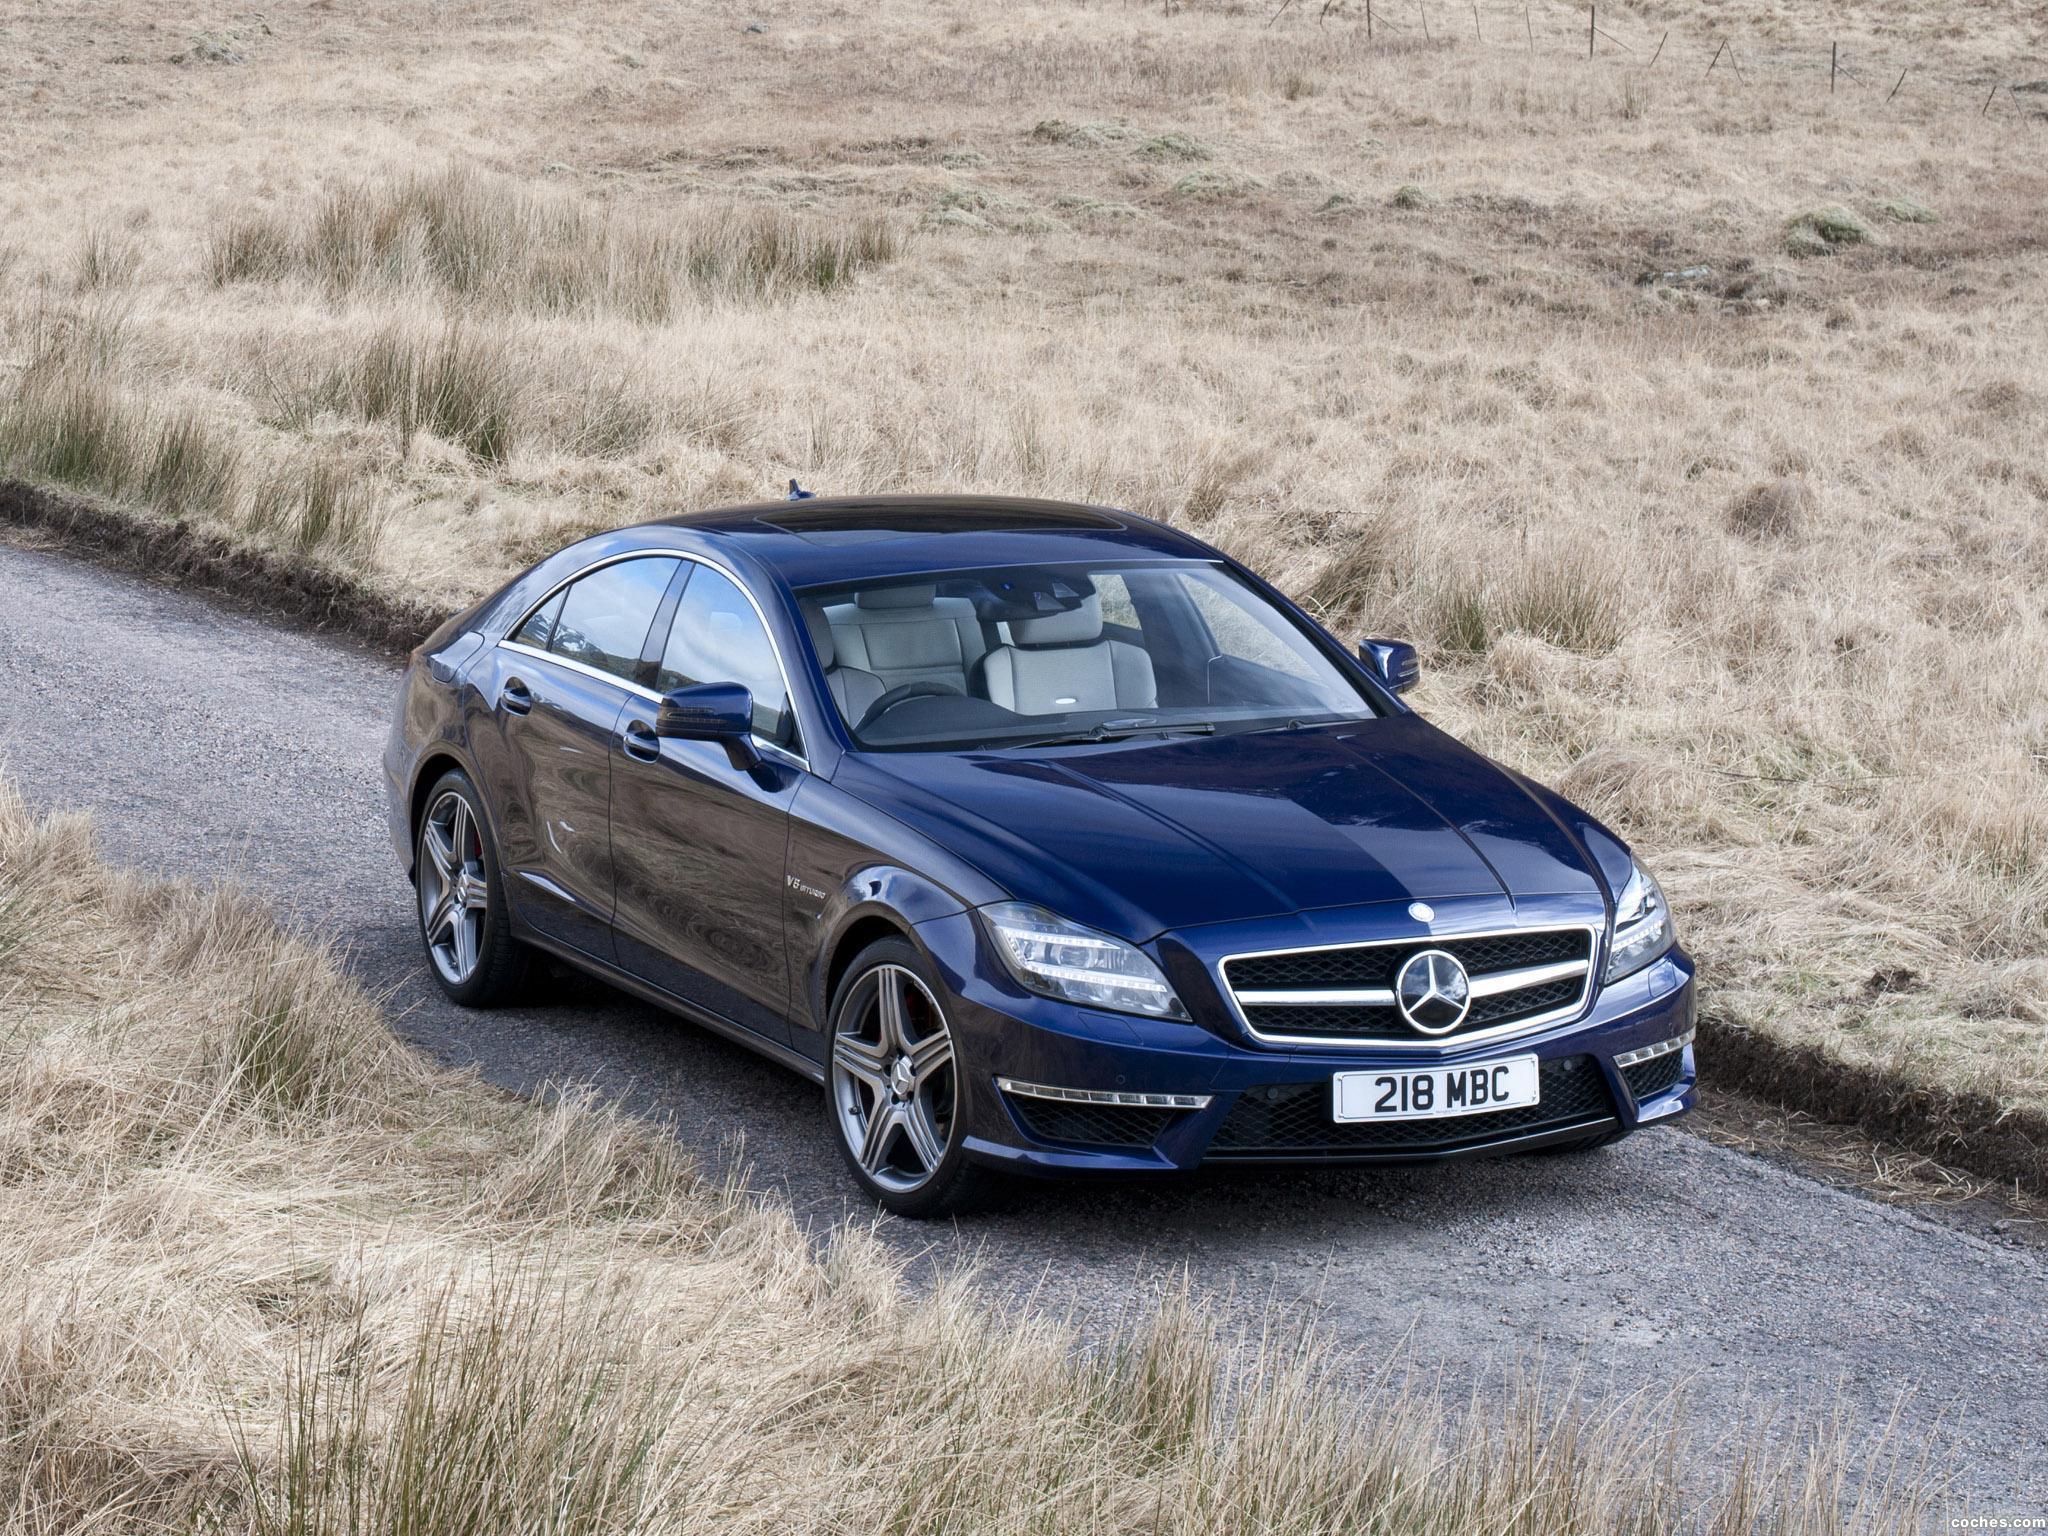 Foto 7 de Mercedes Clase CLS 63 AMG C218 UK 2011